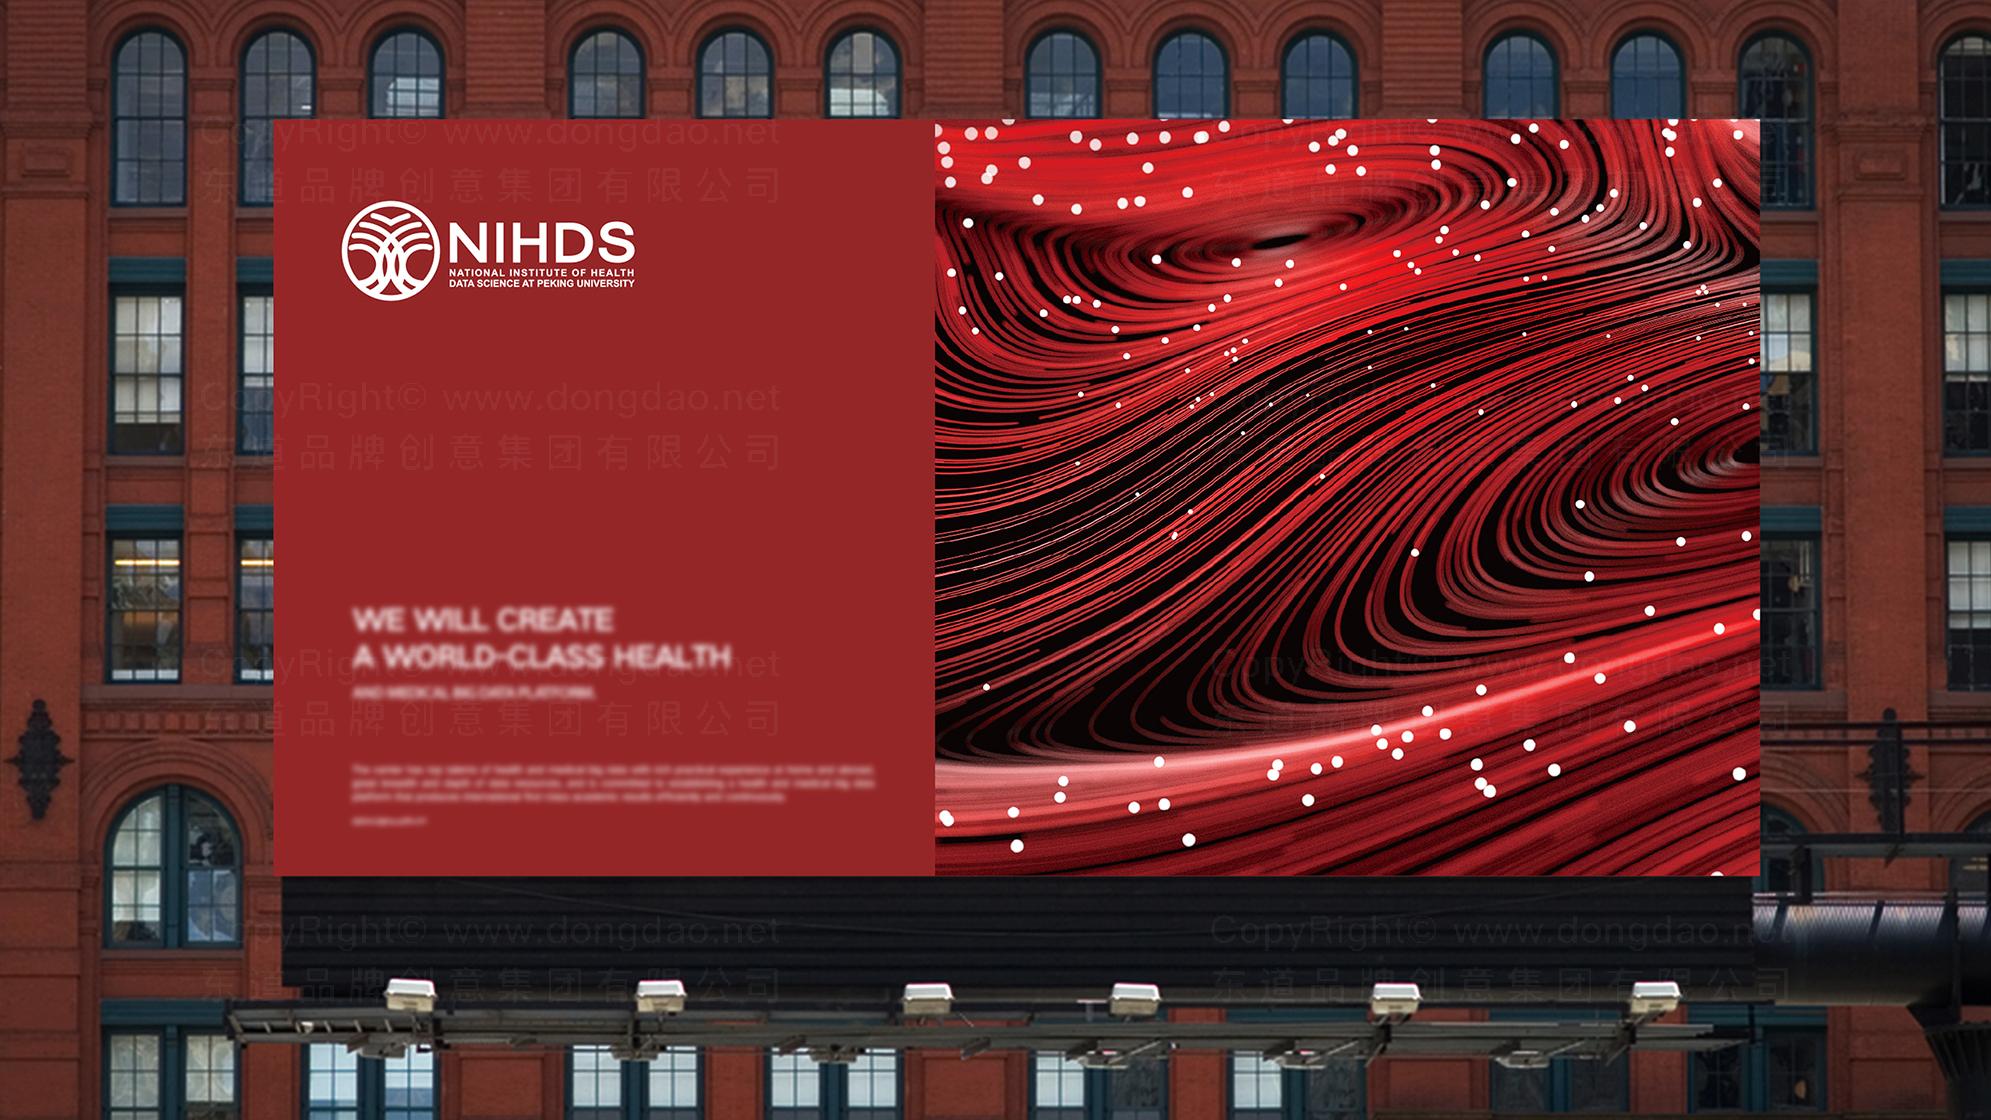 品牌设计北大医疗健康数据研究院logo设计、vi设计应用场景_1